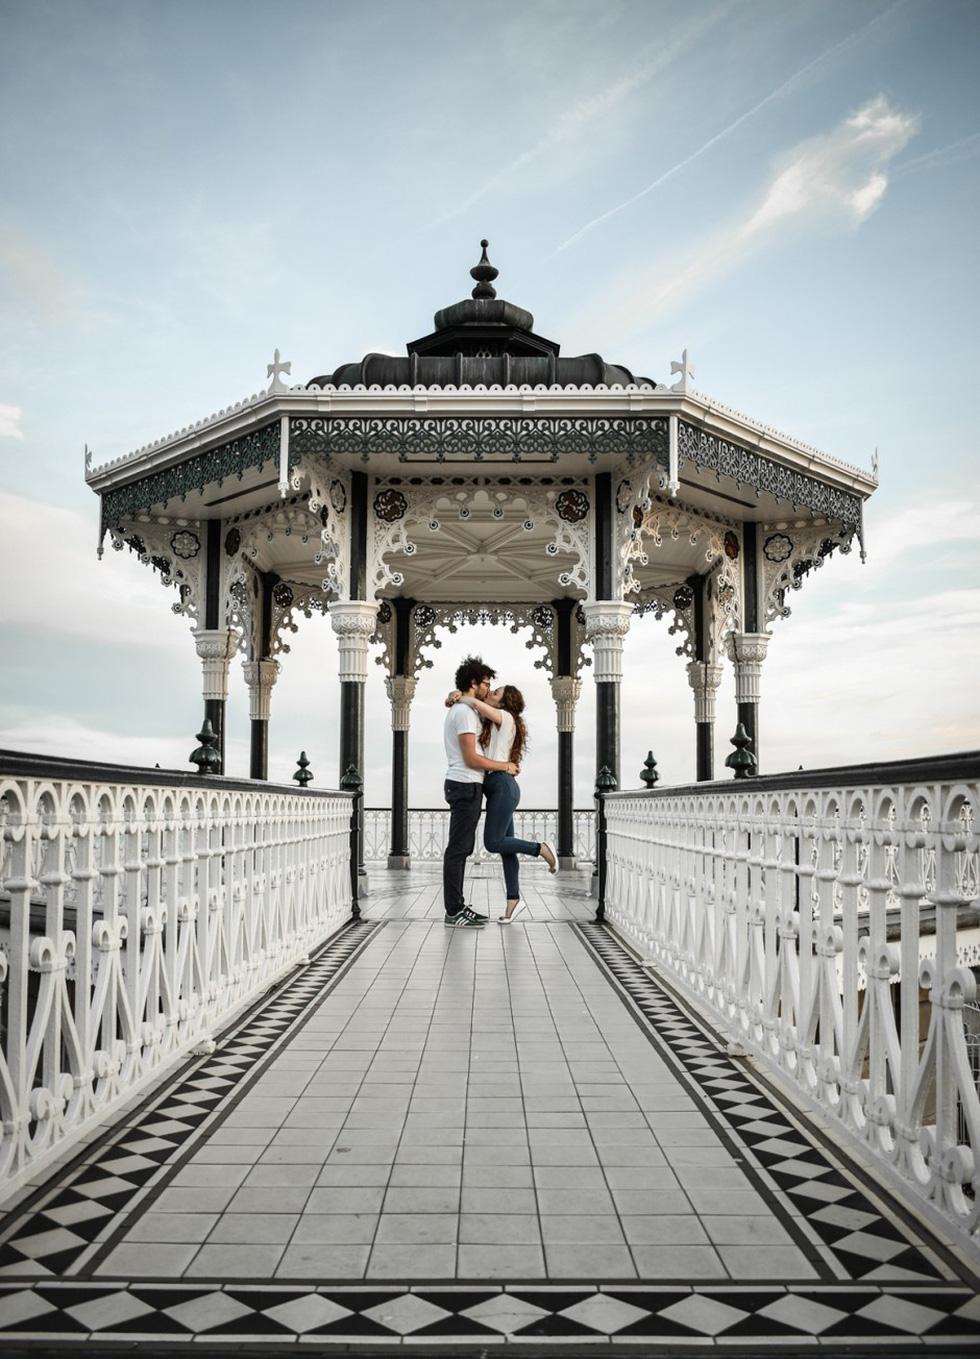 Hai cụ già Việt Nam mãi yêu vào top 50 giải ảnh quốc tế về tình yêu - Ảnh 13.